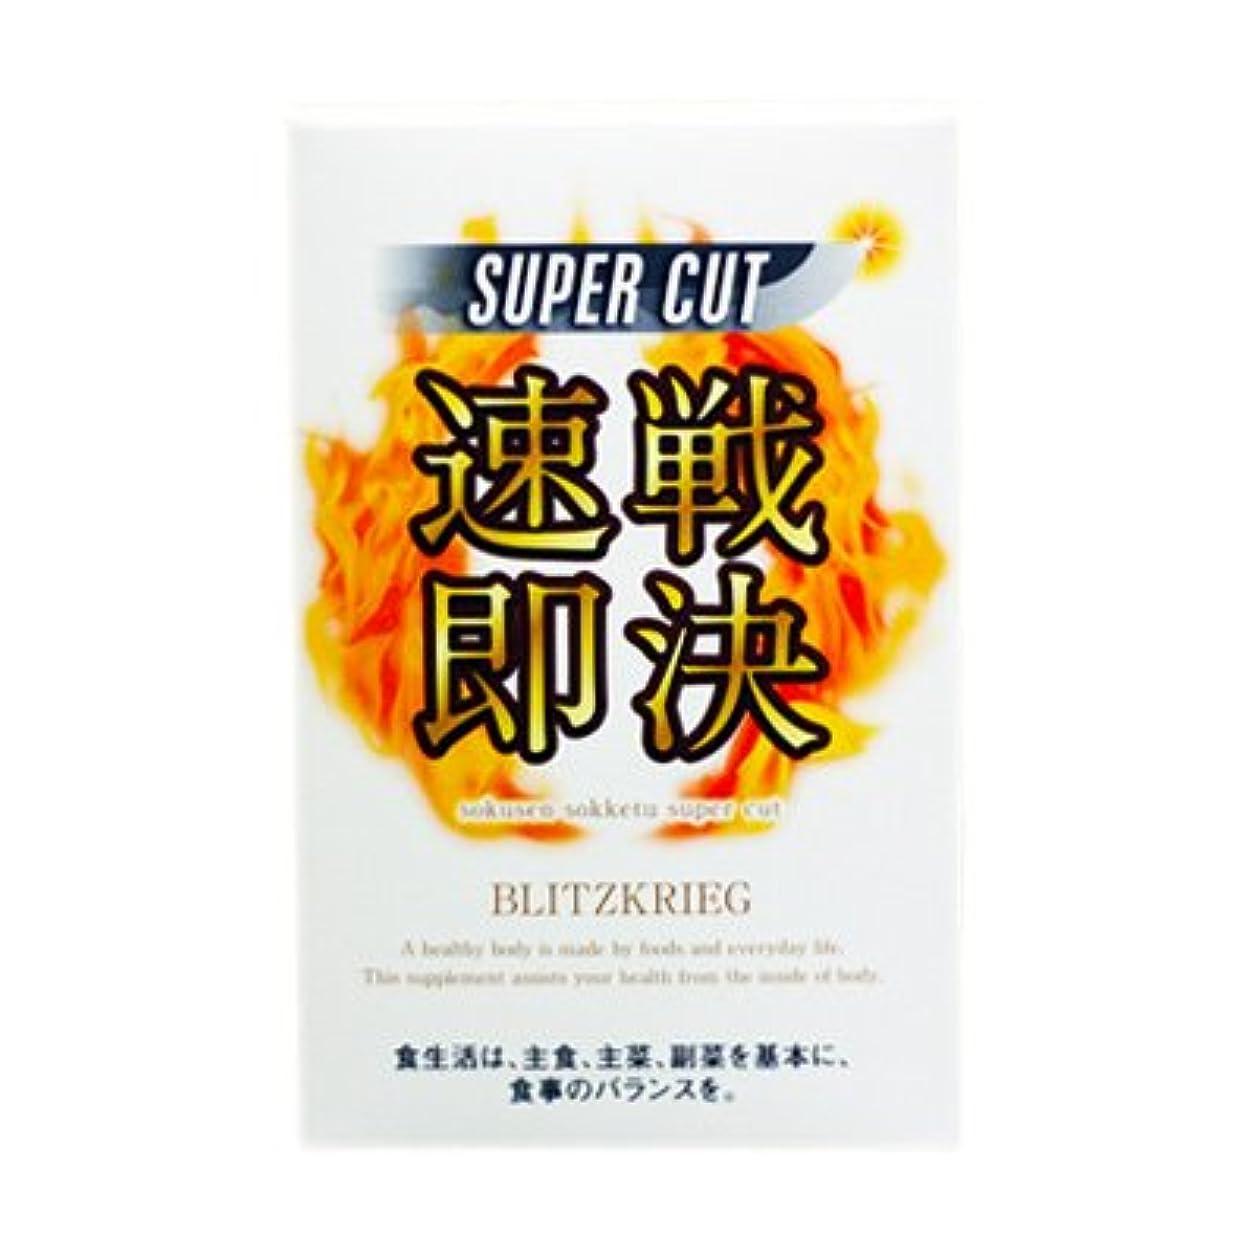 引数にじみ出る通知速戦即決 スーパーカット そくせんそっけつ SUPER CUT